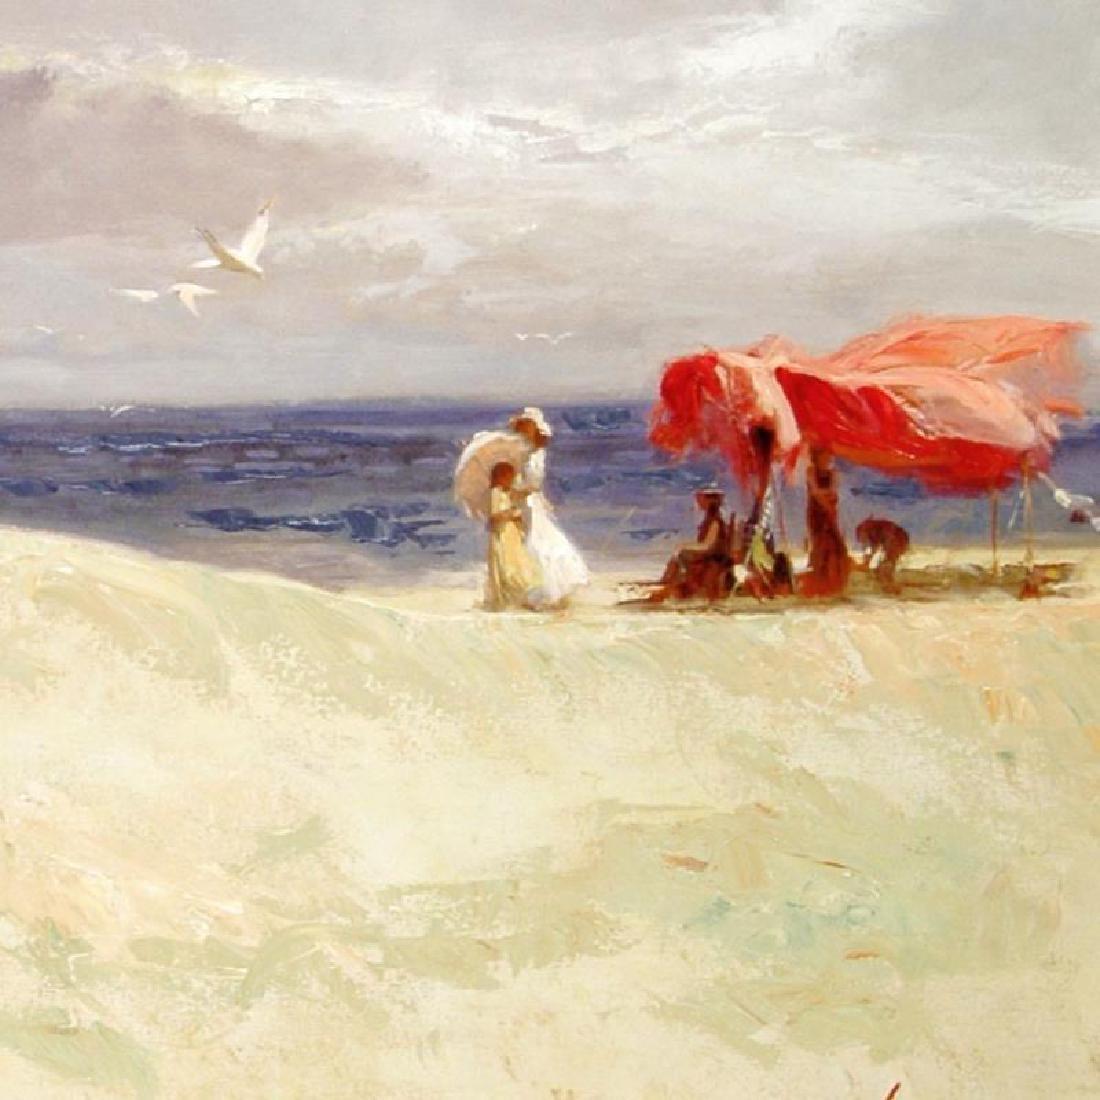 White Sand by Pino (1939-2010) - 2